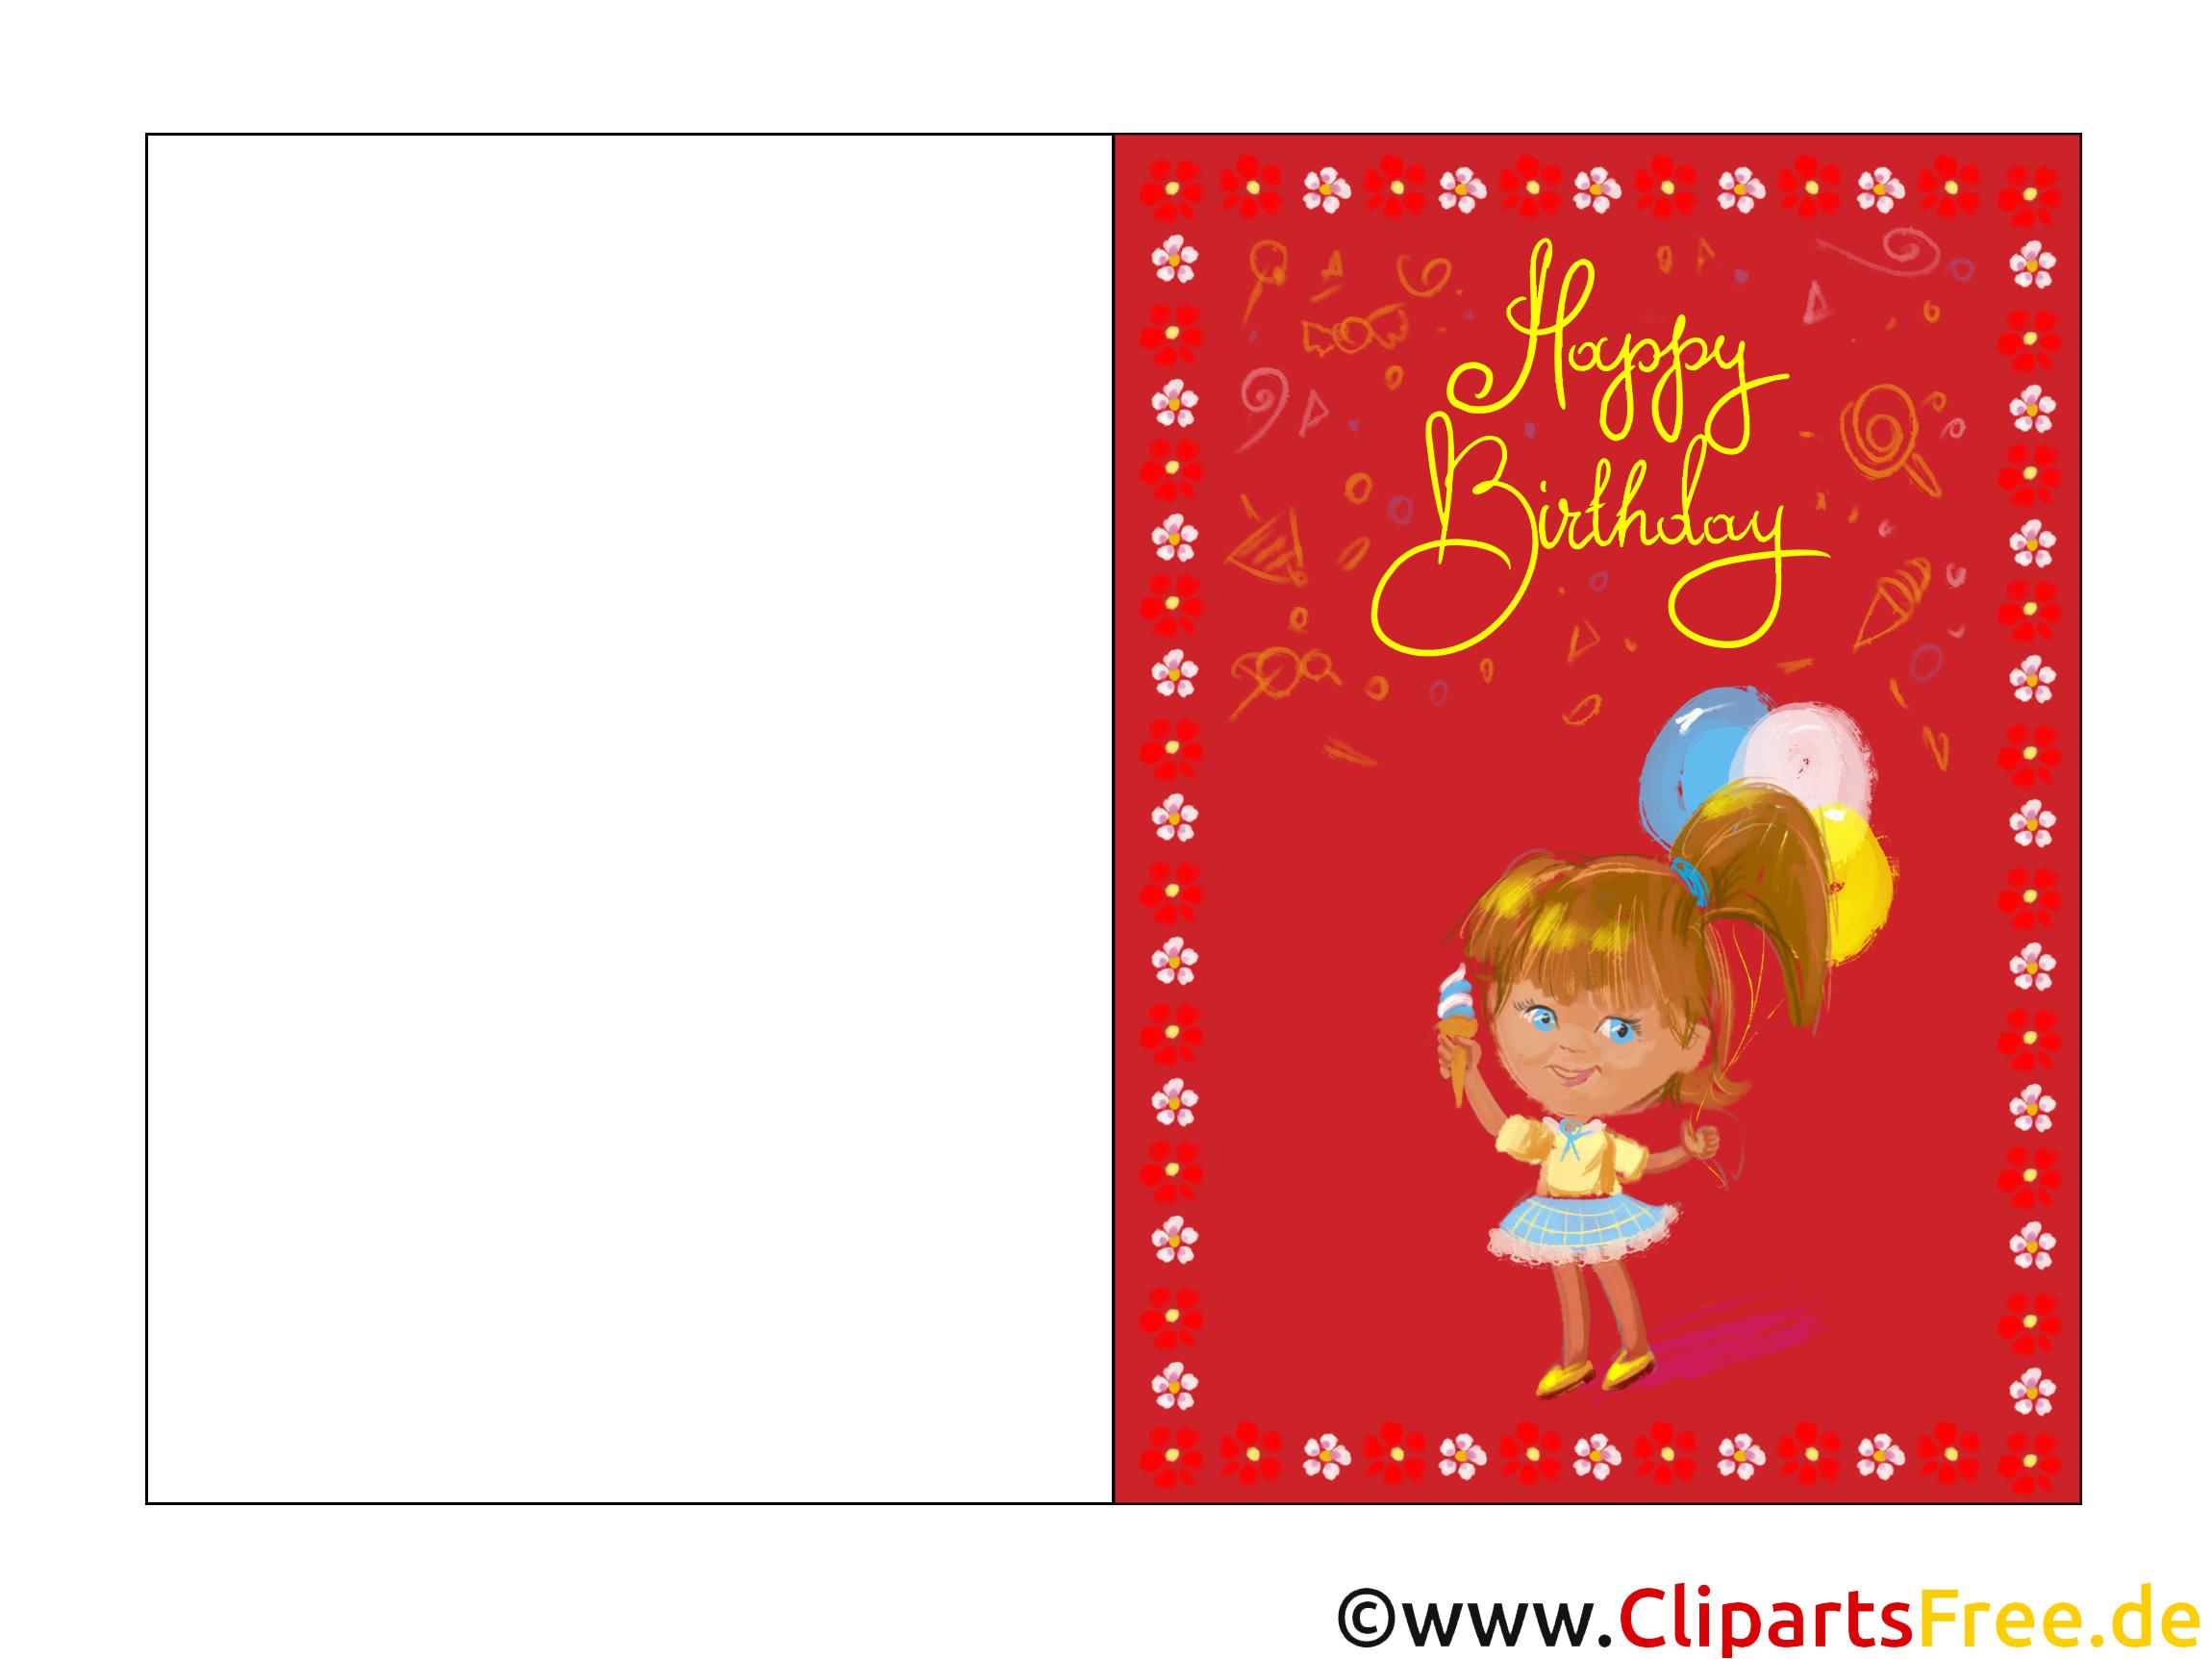 Digitale geburtstagskarte gratis for Digitale weihnachtskarten kostenlos